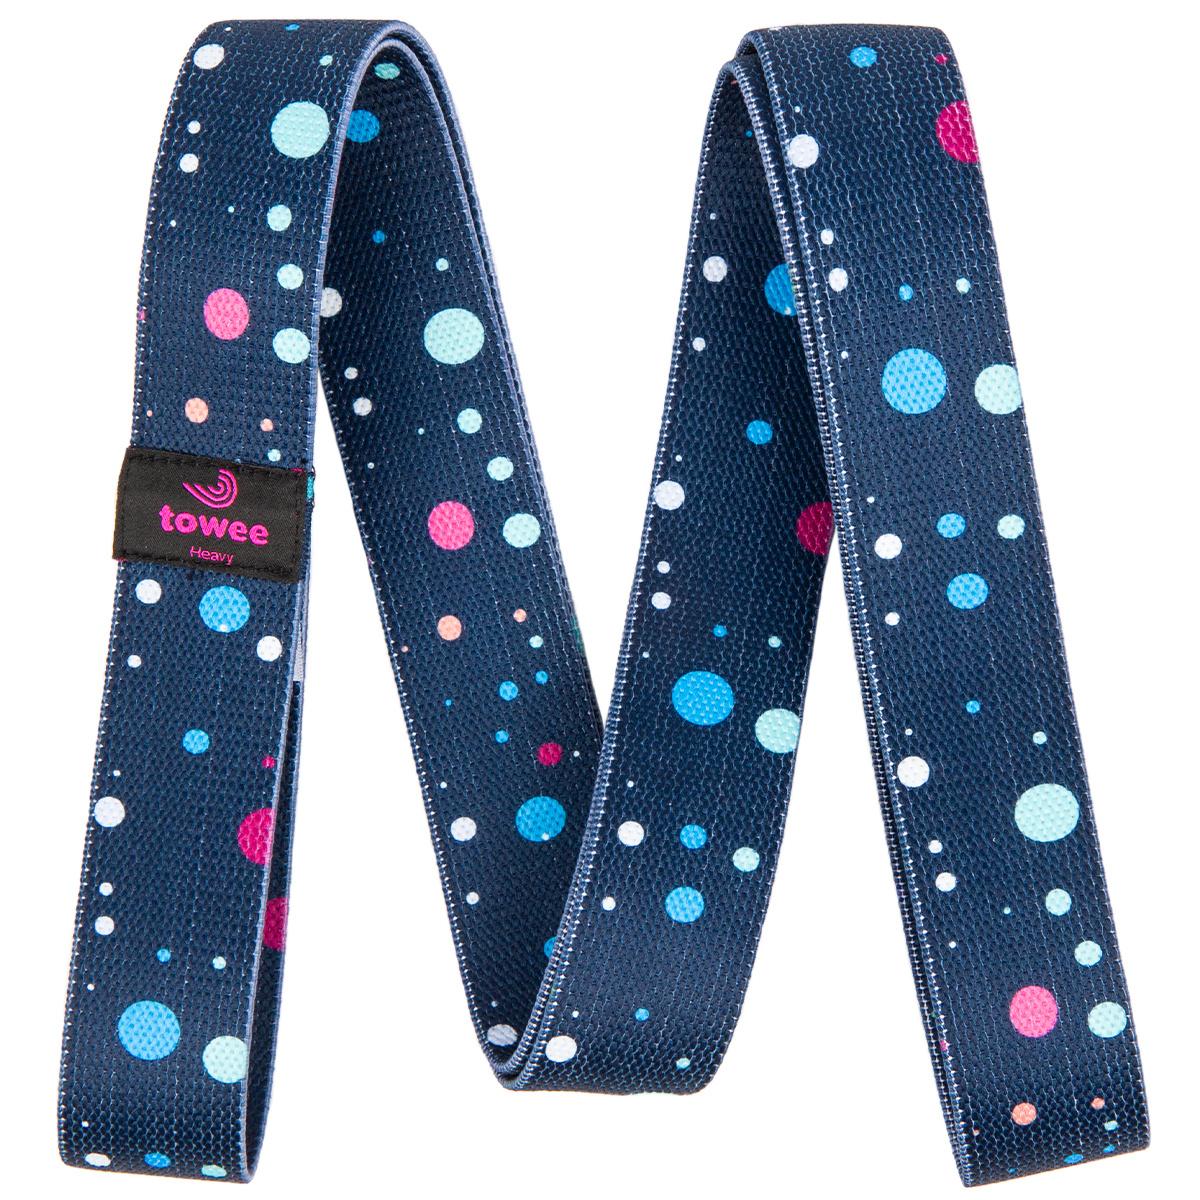 Towee Textilní odporová guma se zarážkou do dveří Cosmic, silný odpor